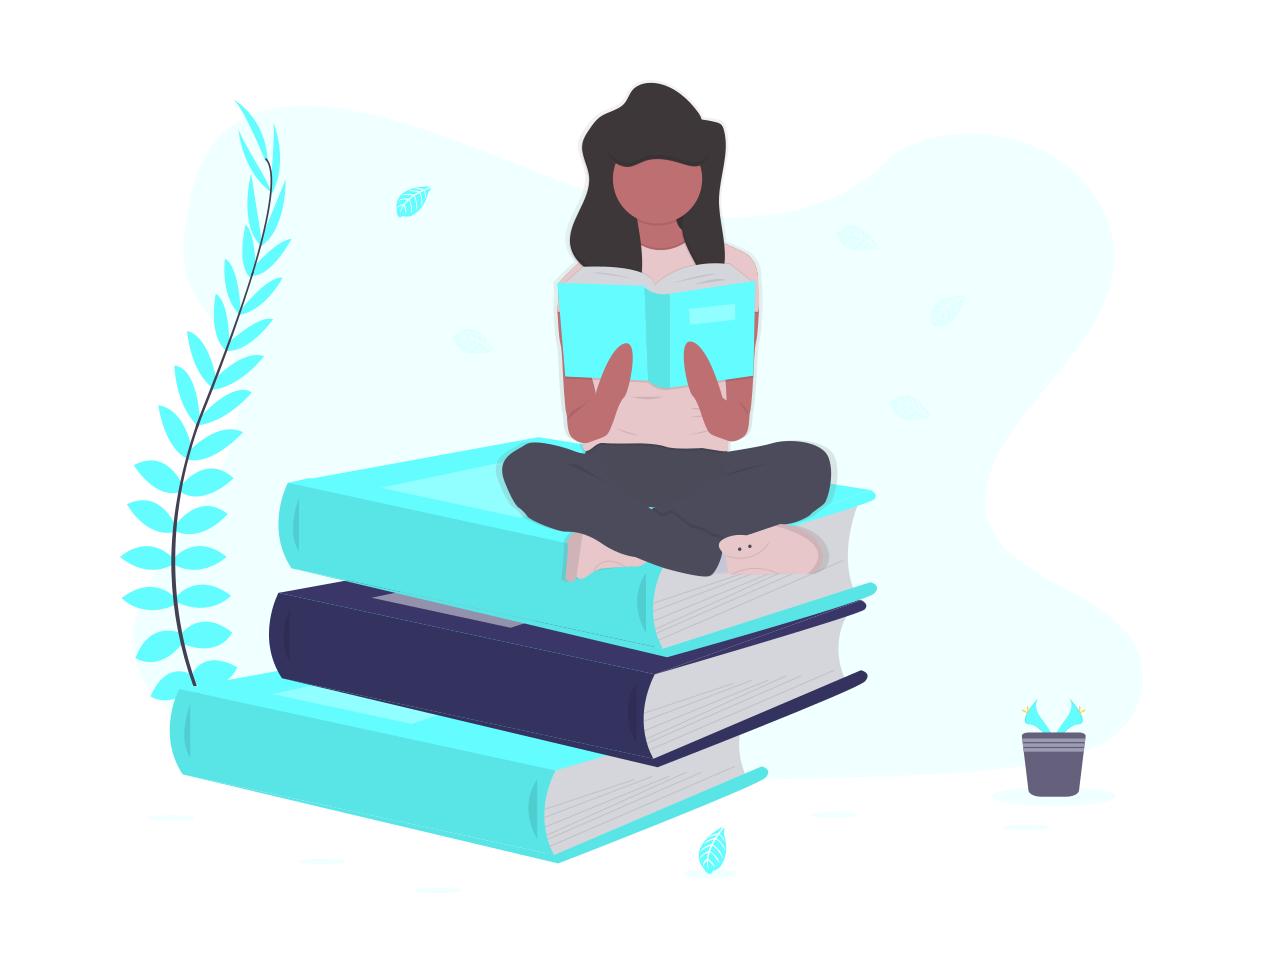 読書がもたらす素晴らしい効果